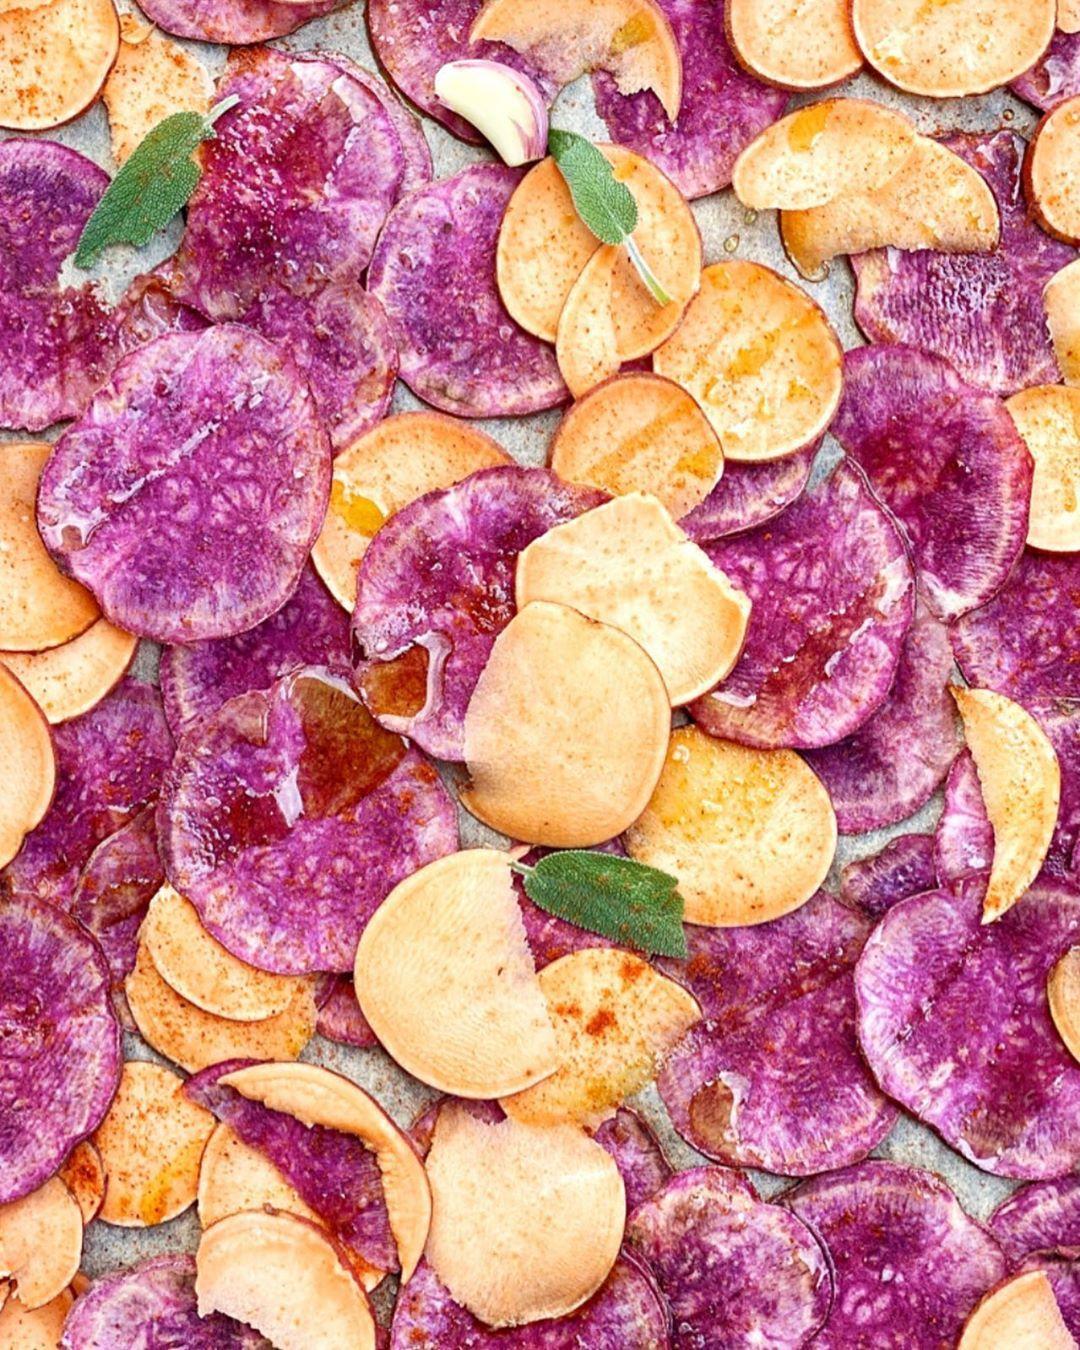 Cucina Naturale Zero Waste On Instagram Chips Di Verdura Fatte In Casa A Chi Non Piacciono Le Patatine Queste Vegan Recipes Snacks Snack Recipes